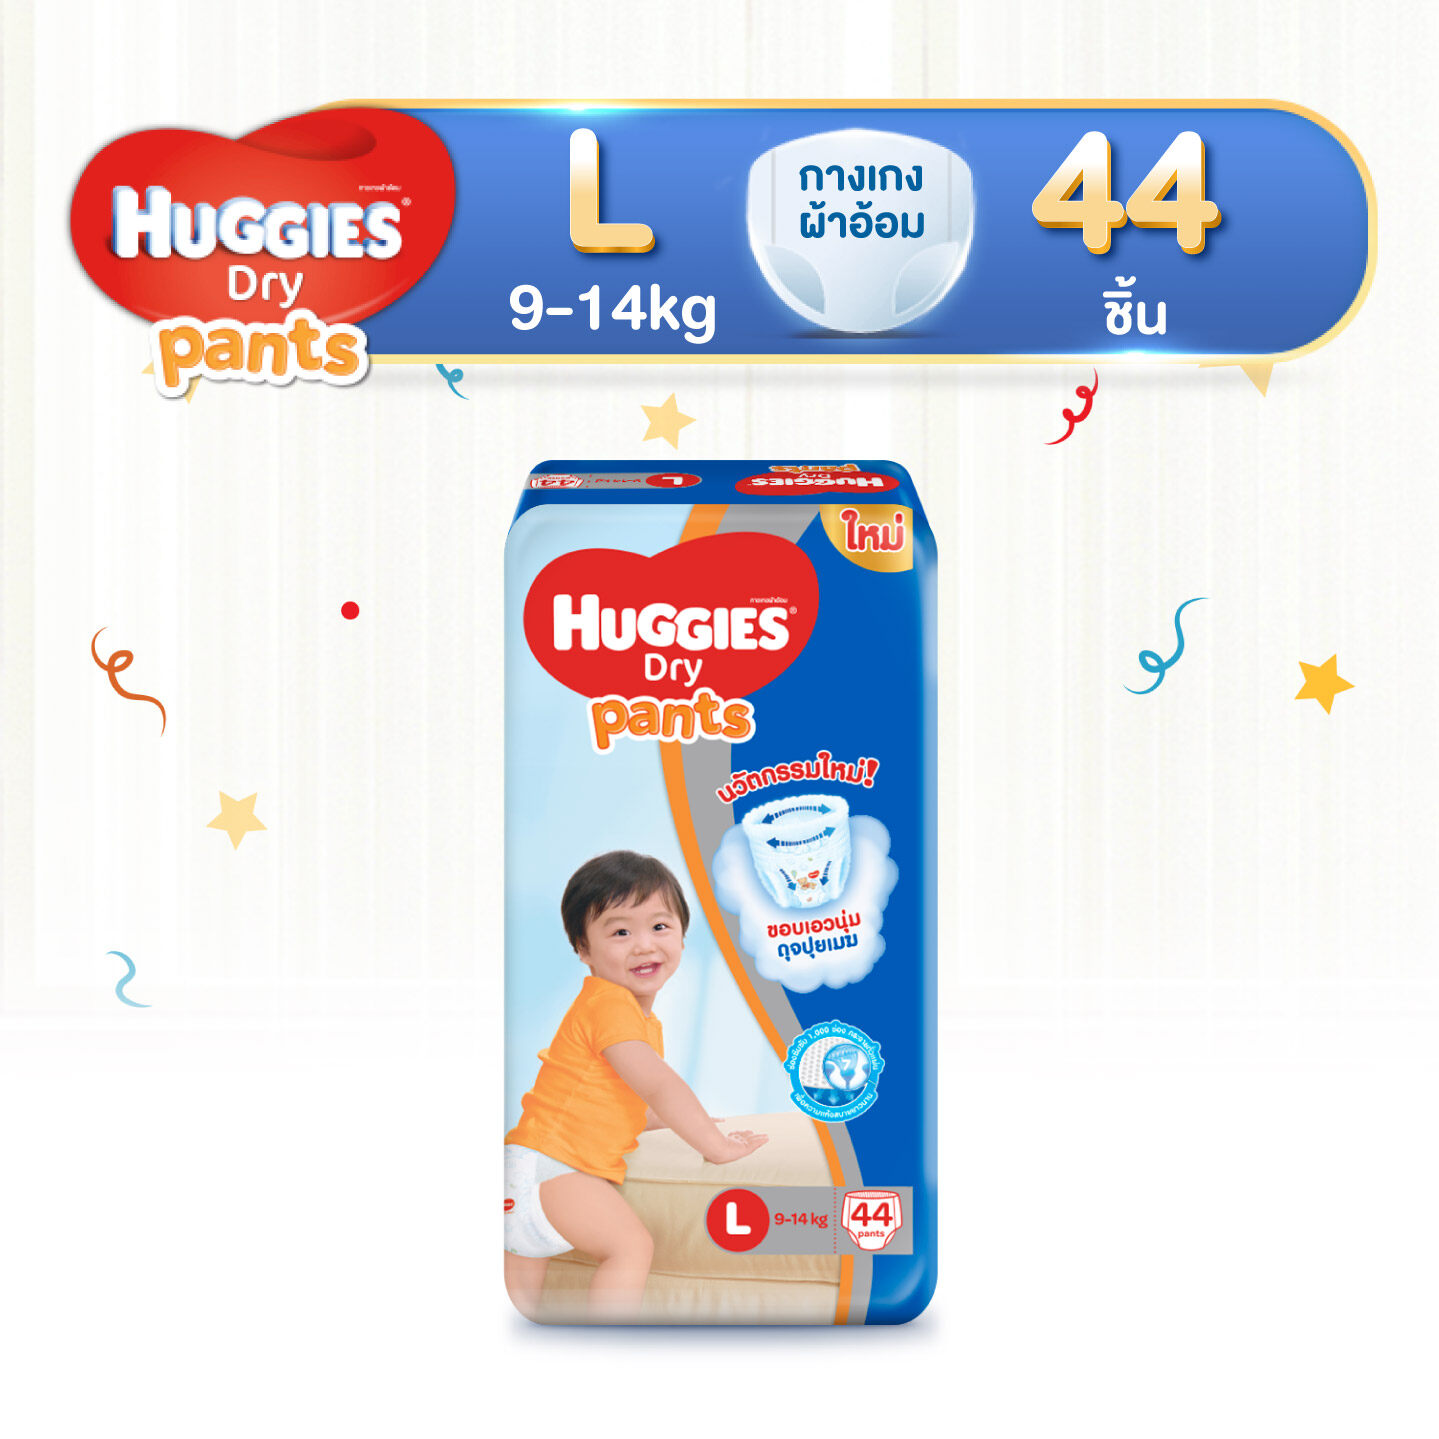 Huggies Dry Pant Diapers ฮักกี้ส์ ดราย แพ้นท์ ผ้าอ้อมเด็ก กางเกงผ้าอ้อม แพมเพิส ผ้าอ้อมเด็กชาย - หญิง ไซส์ L แพค 44 ชิ้น